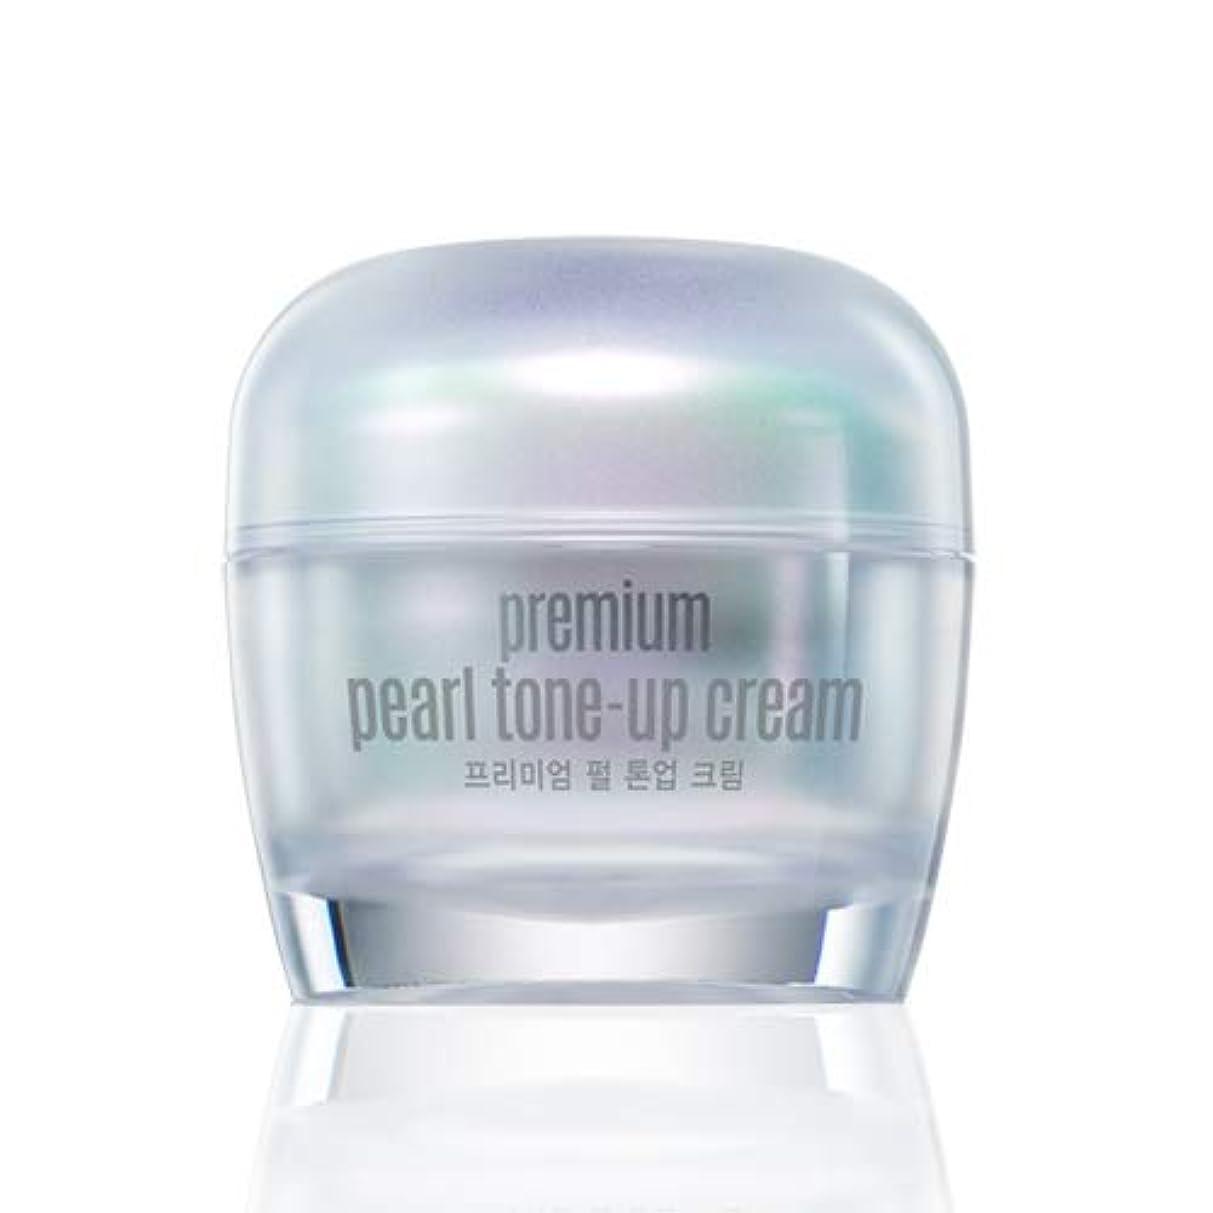 日第三活気づくグーダル プレミアム パール トーンアップ クリーム50ml Goodal Premium Pearl Tone-up Cream [並行輸入品]